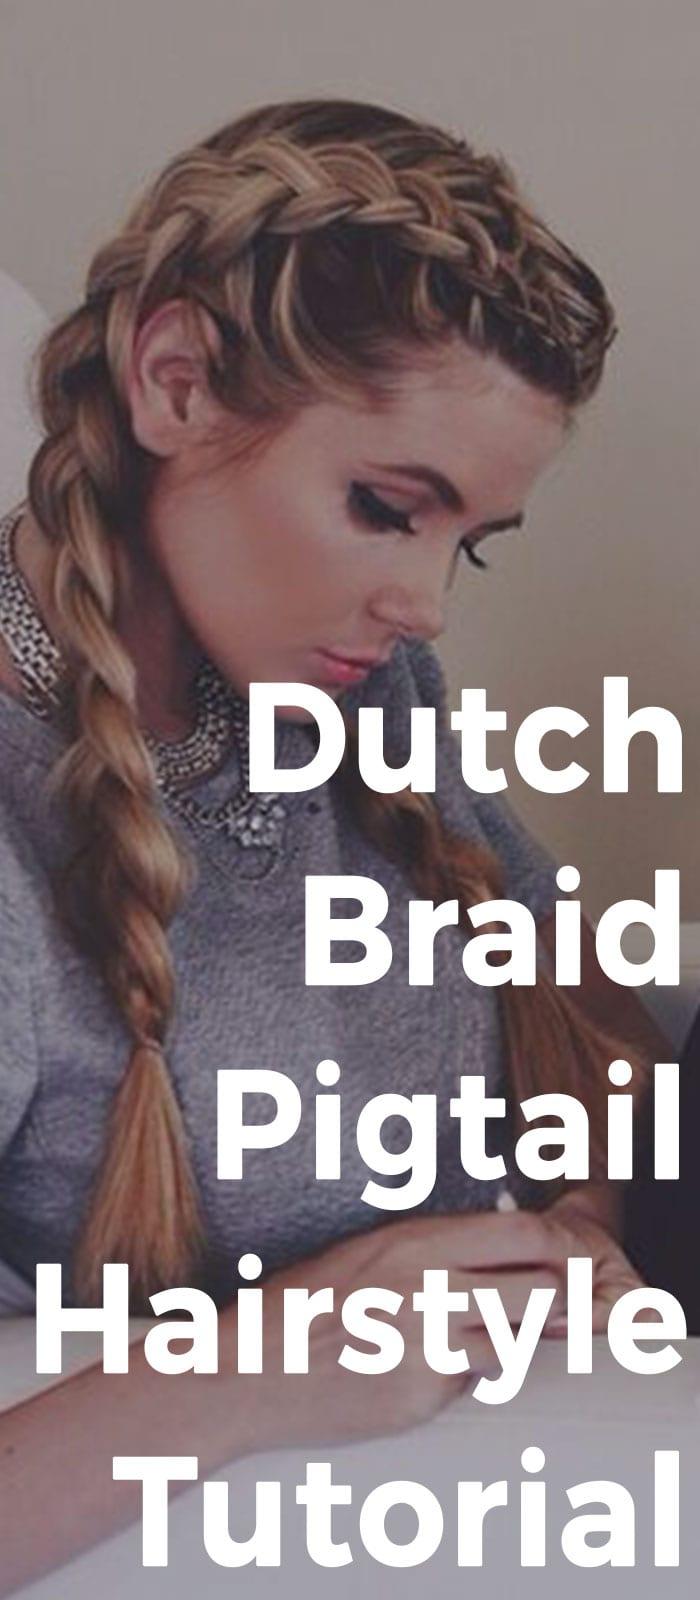 Dutch Braid Pigtail Hairstyle Tutorial